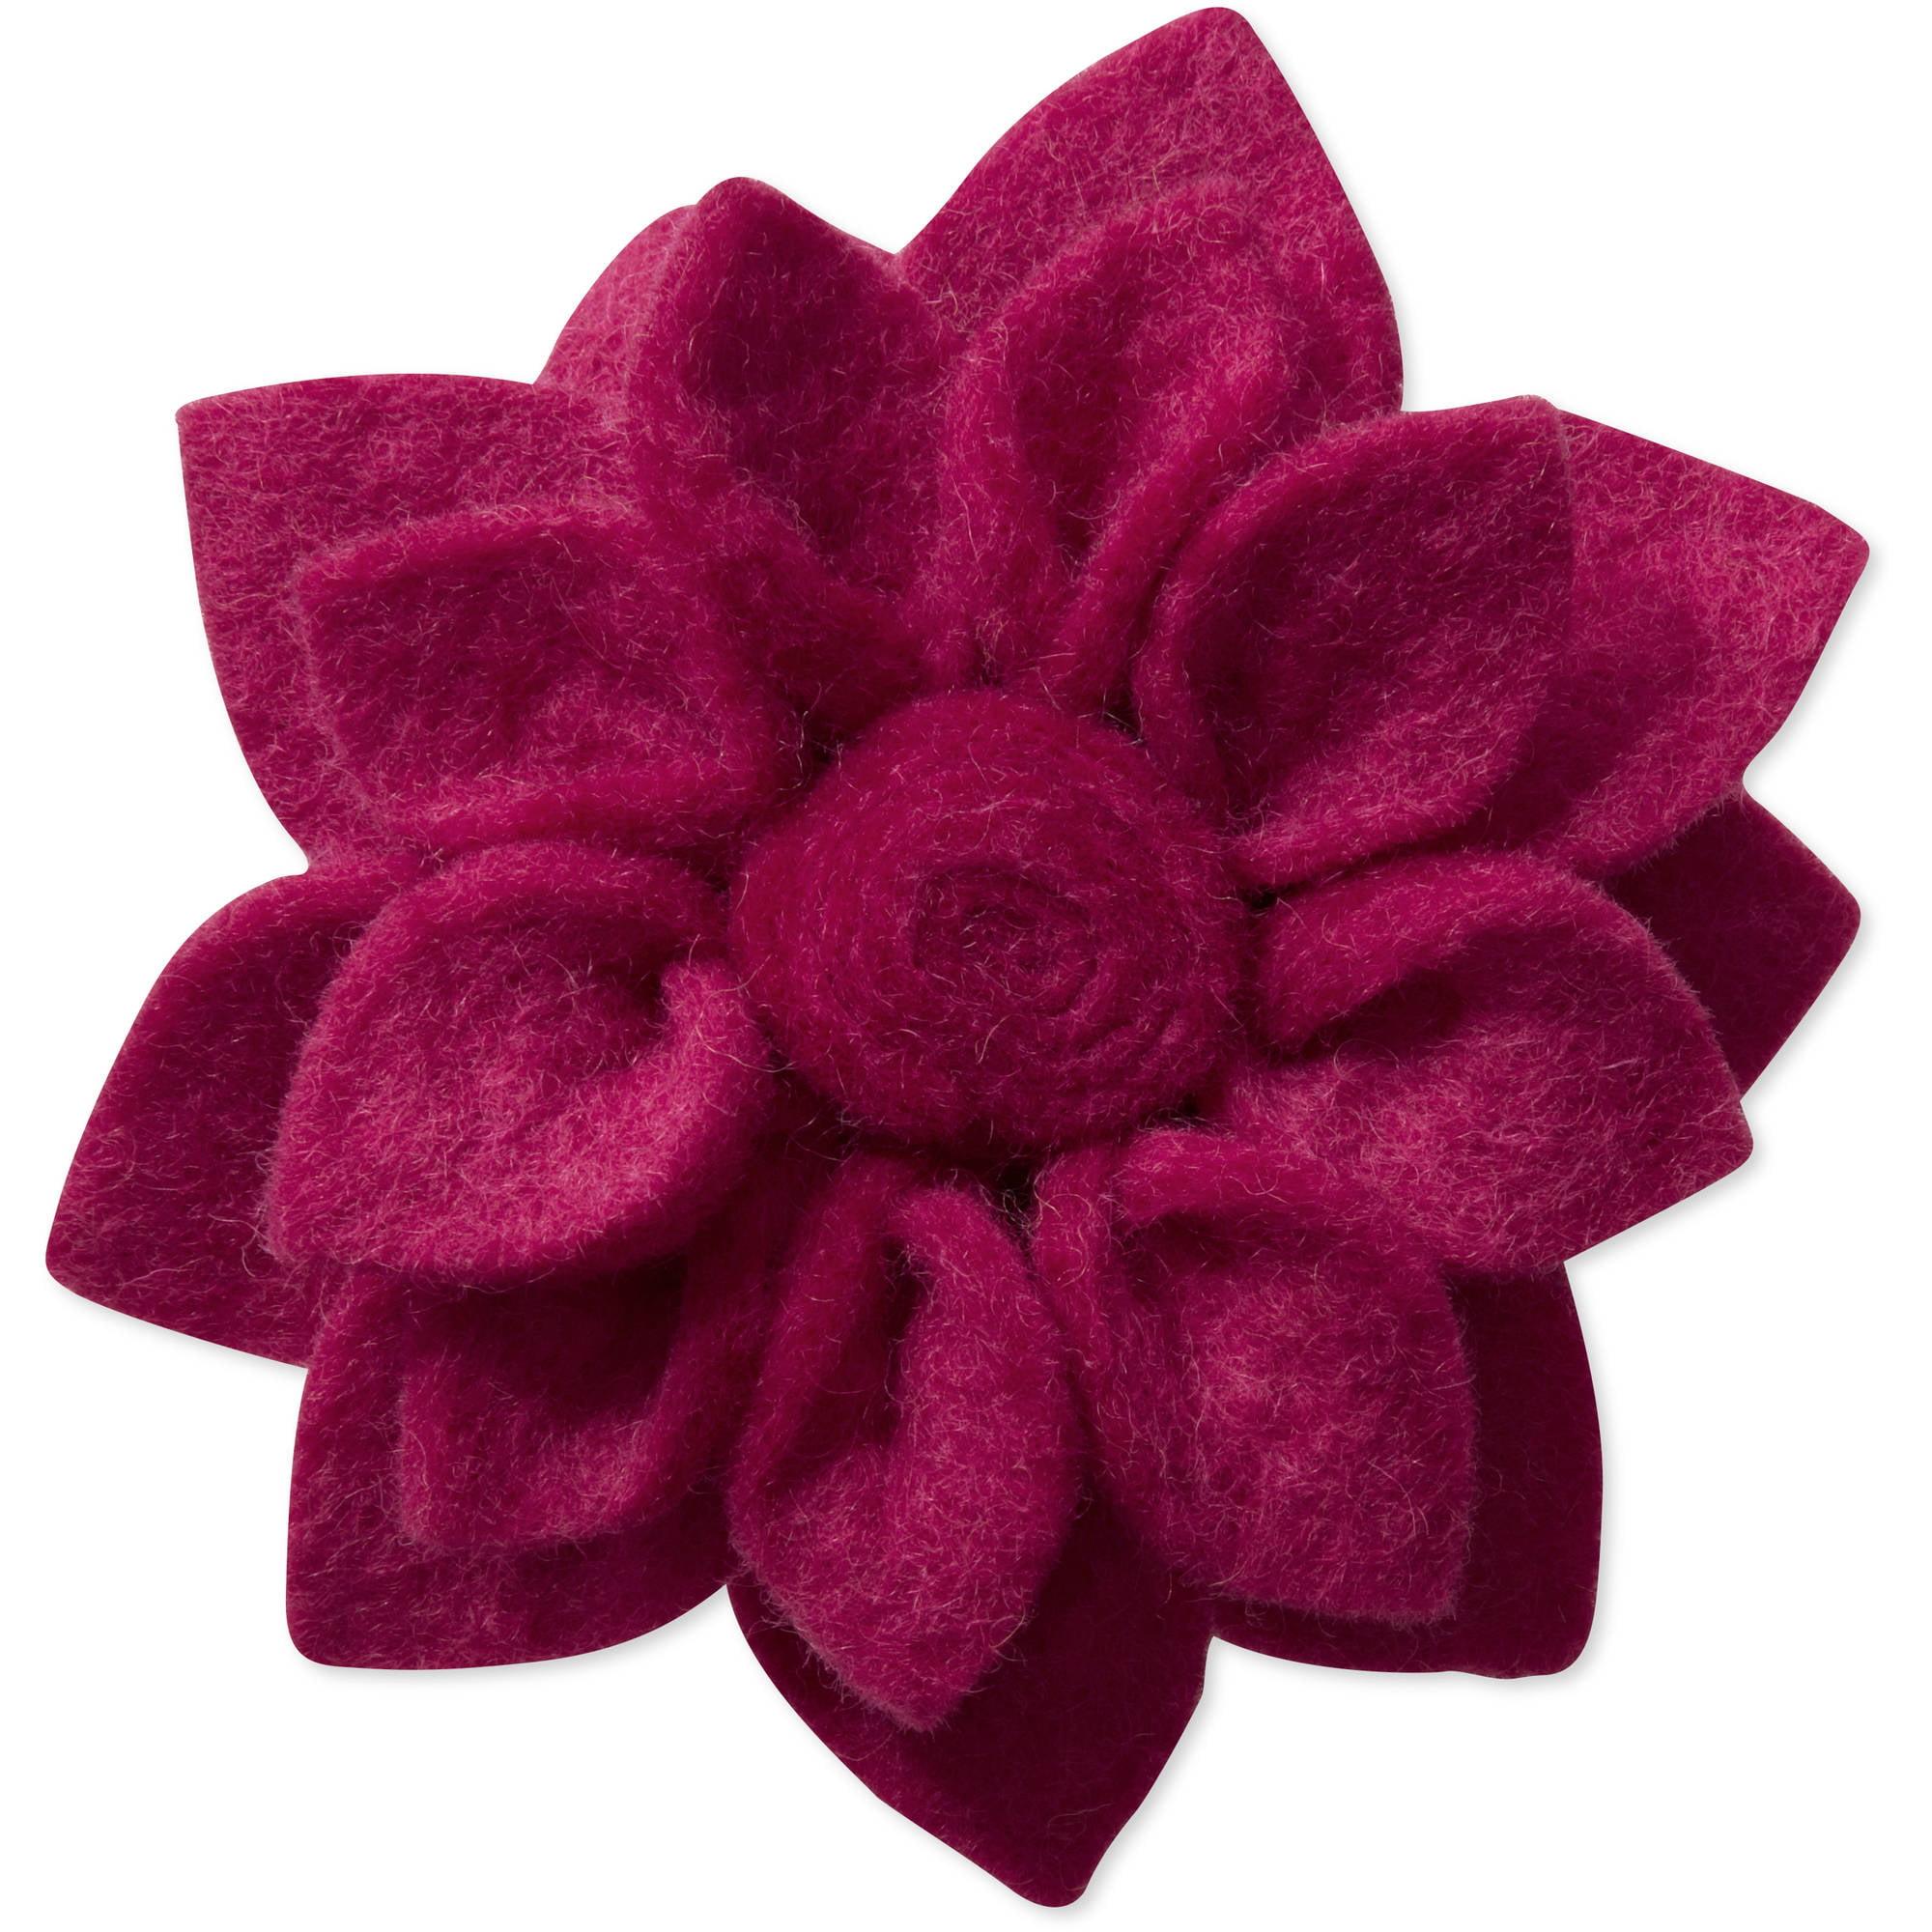 Felt 3.5'' Dahlia Flower Pin by Friends Handicrafts for Global Goods Partners